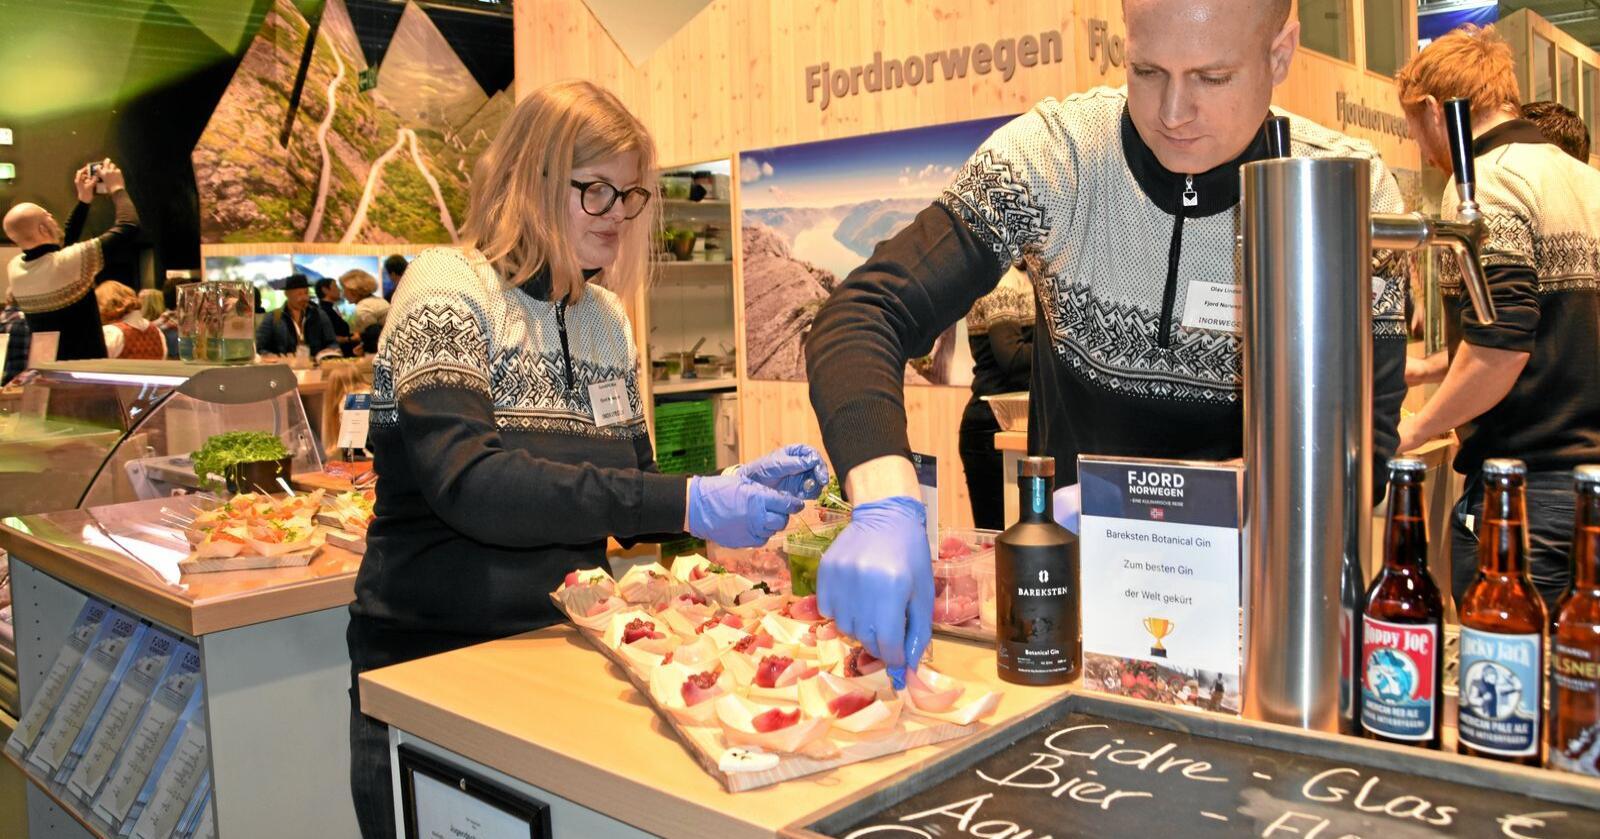 Gunhild Moe  og Olav Lindseth fra Energihotellet under fjorårets Grüne Woche i Berlin. Foto: Christiane Jordheim Larsen